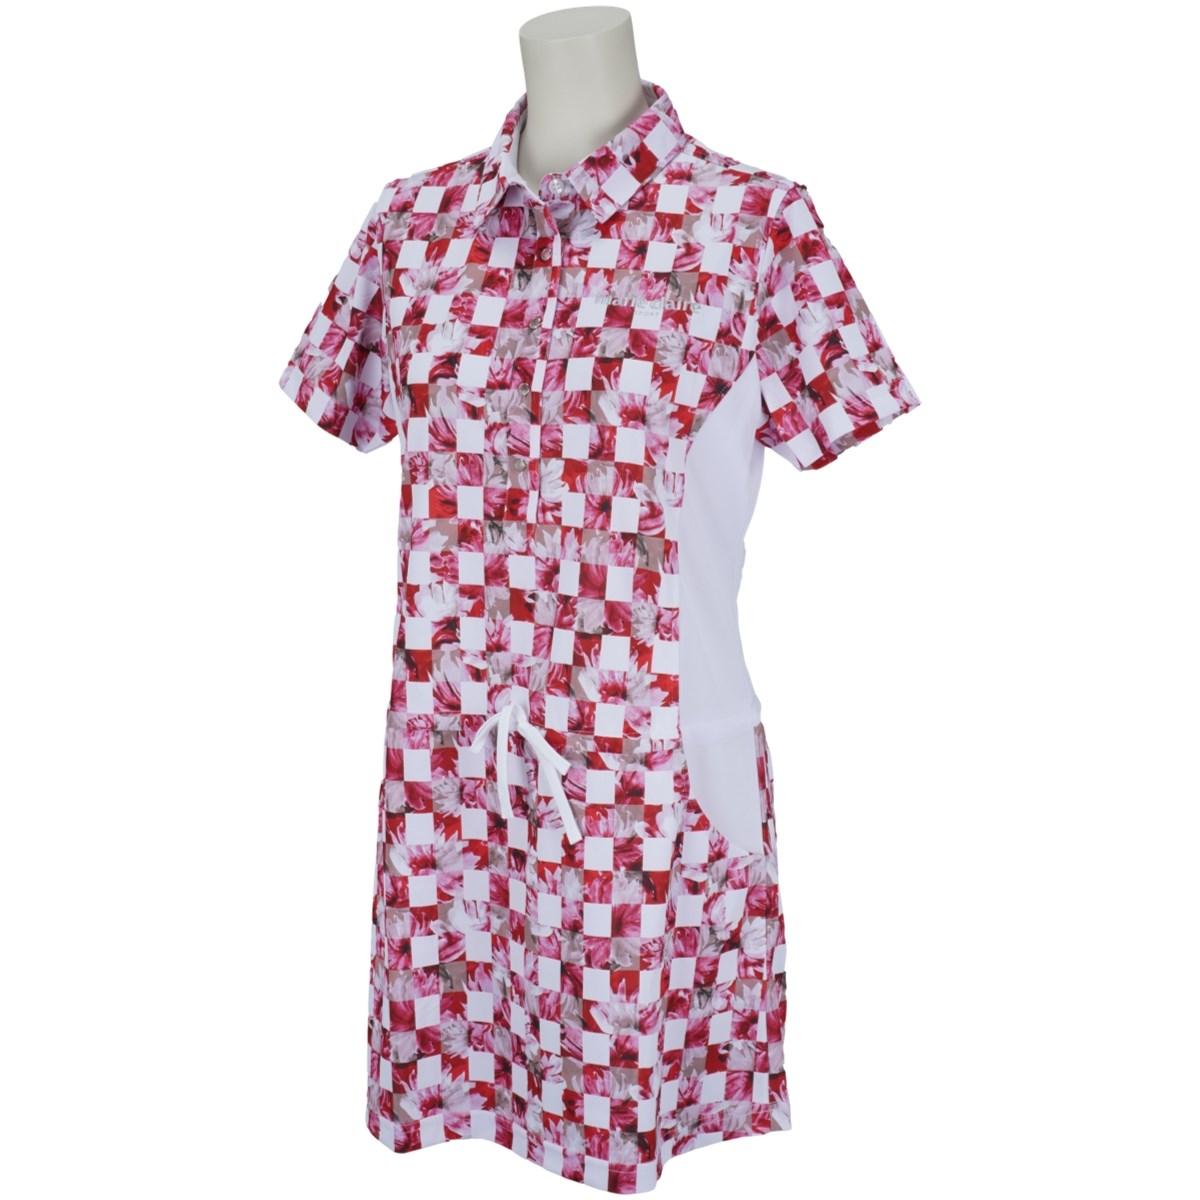 マリクレール marie claire 半袖チュニックシャツ M レッド レディス